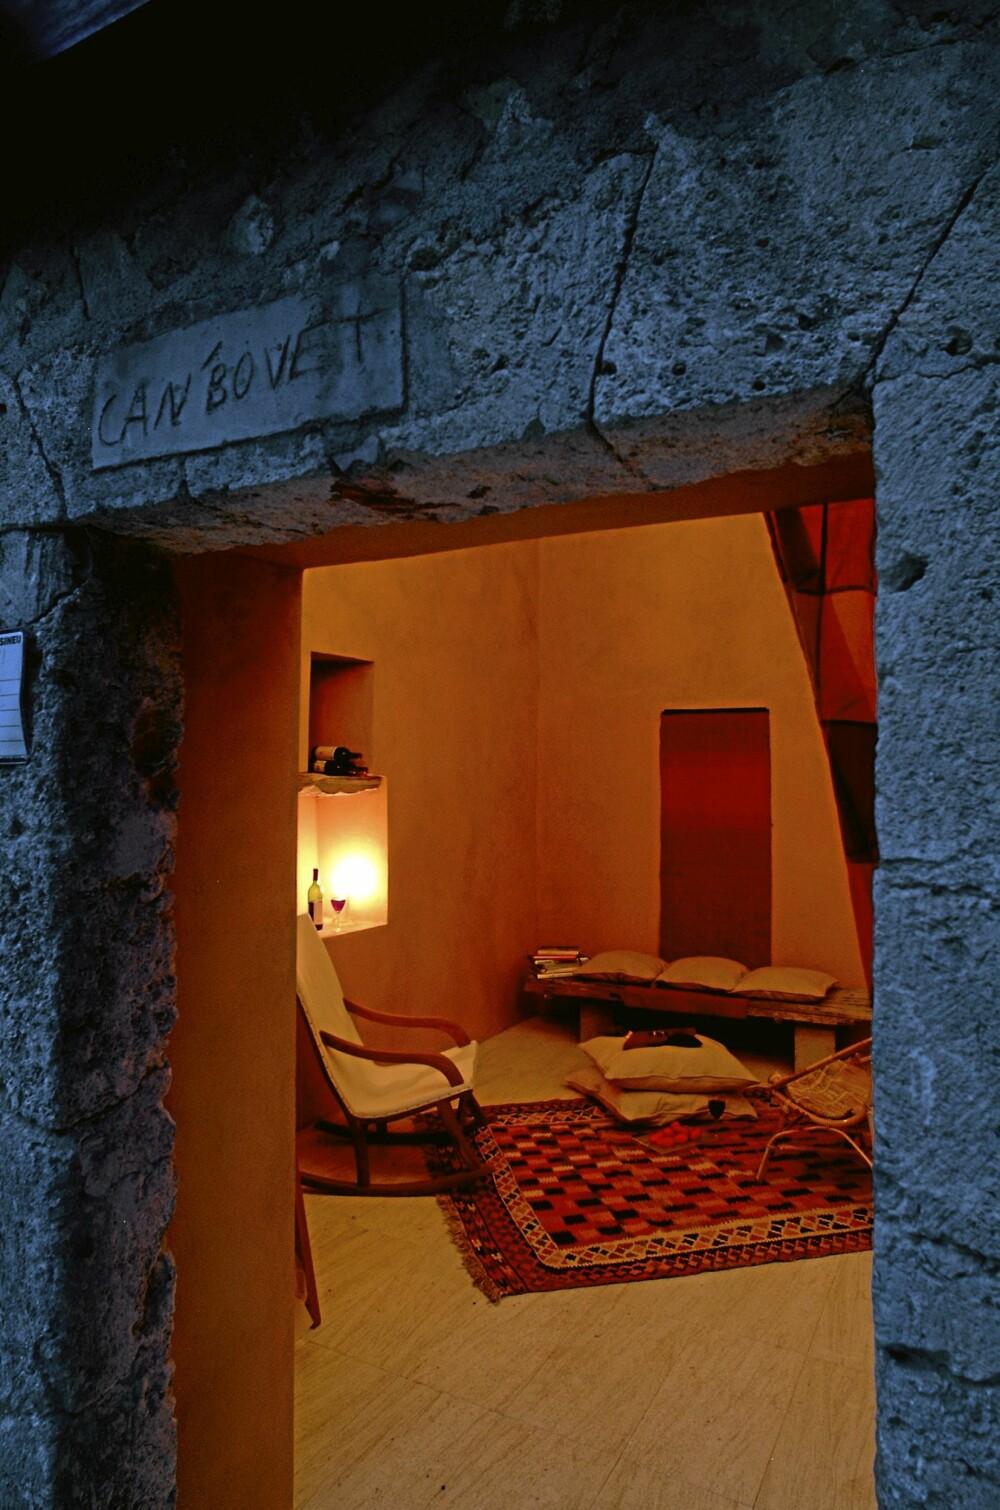 """RO I RUIN-ROMMET: Det gamle fjøset; Càn Bovet, """"Huset til den lille oksen"""", er et herlig, stemningsfullt sted på 35 kvm med en blanding av nytt og gammelt. Her er det grove vegger mot myke, berberaktige møbler.Vegger malt i en appelsinaktiv oransjefare. Rommet lukkes med en skyvedør i glass."""